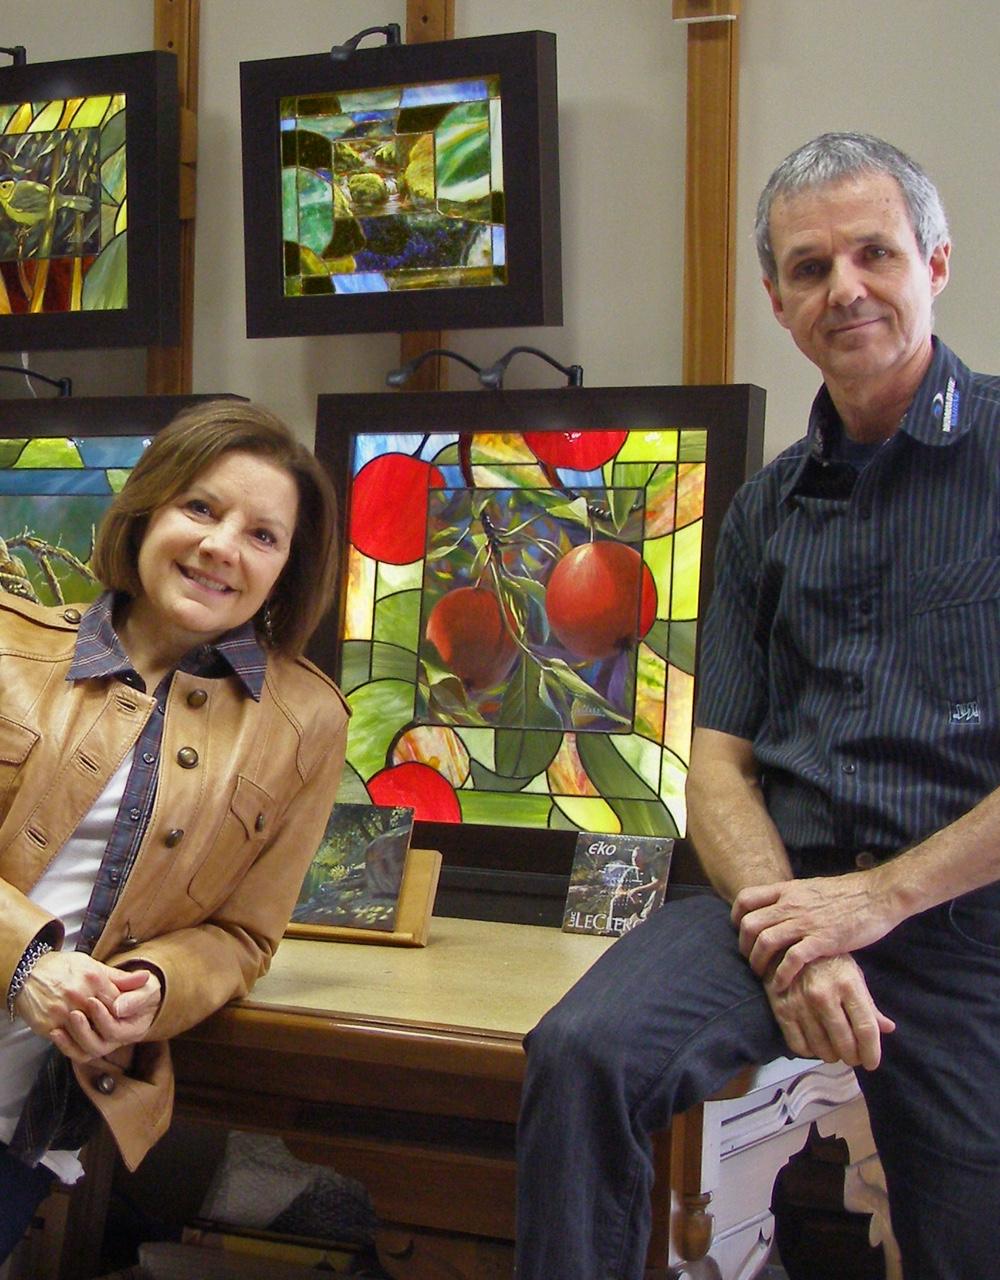 Sylvie Savoie et Luc LeClerc au Salon des métiers d'art de Montréal